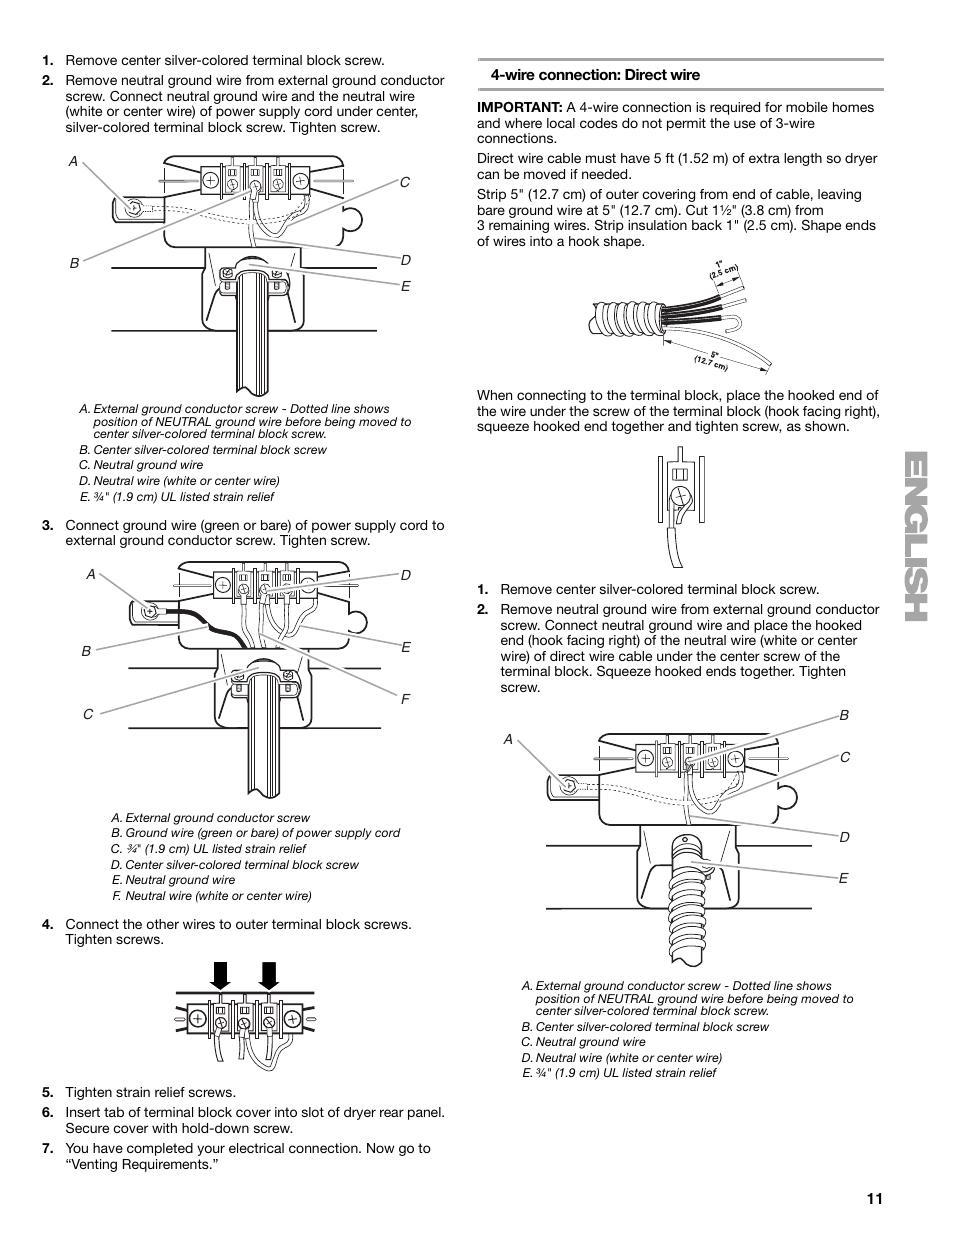 kenmore elite he5t wiring diagram kenmore elite he5 110 8708 user manual page 11 56 also for  kenmore elite he5 110 8708 user manual